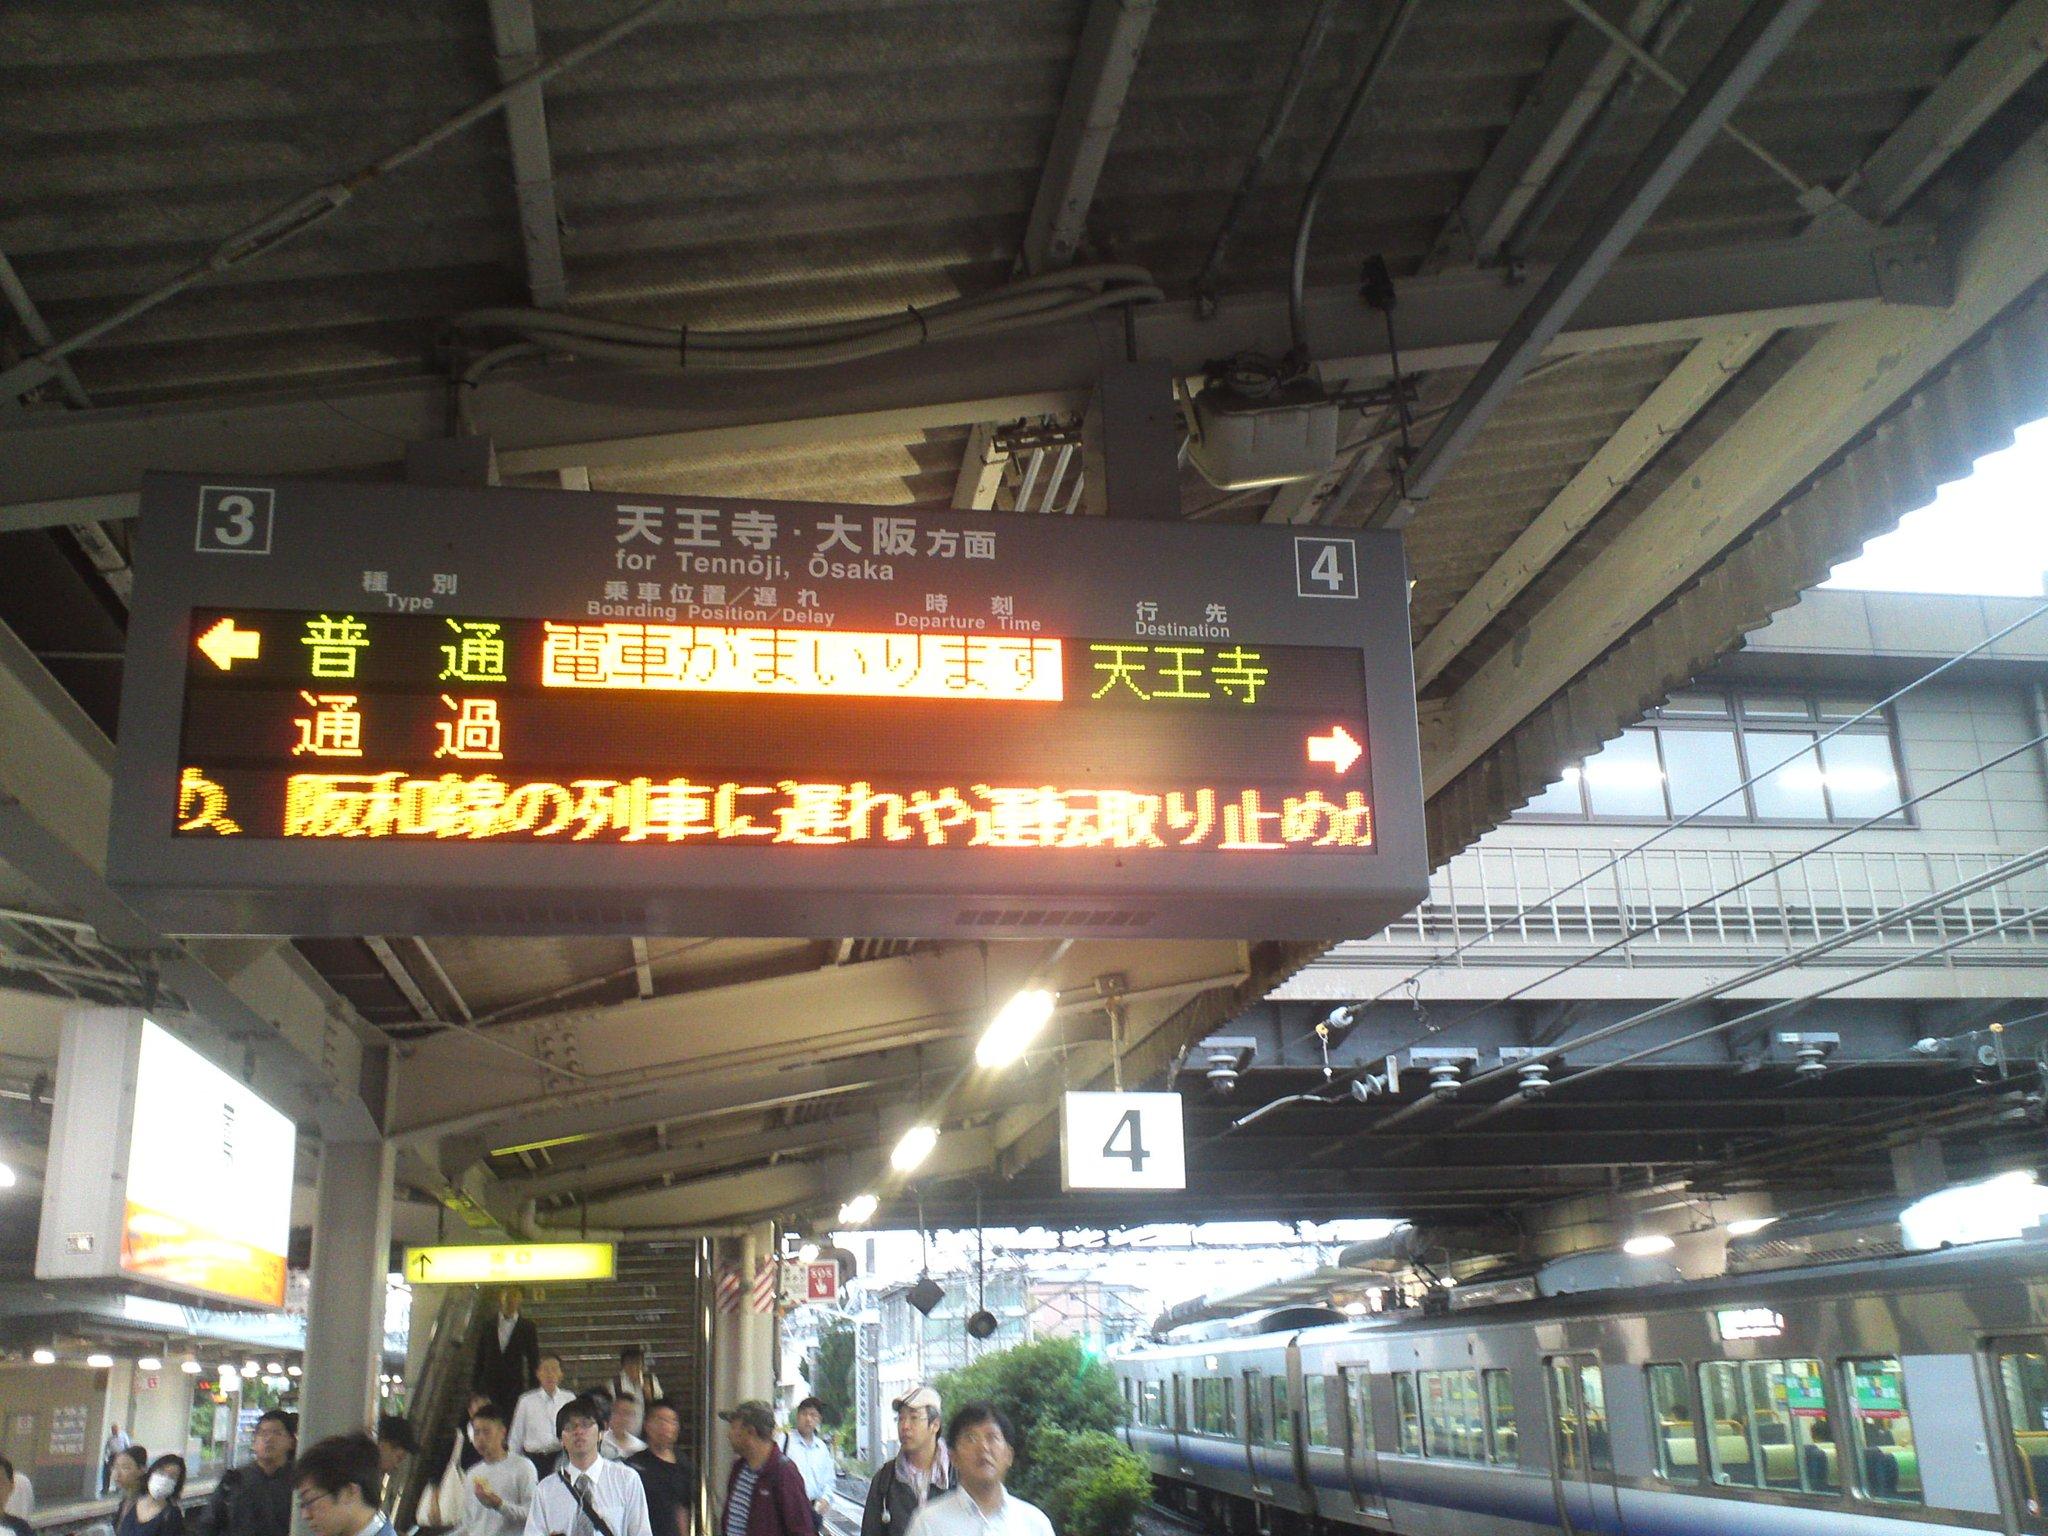 画像,#阪和線 紀伊駅付近でイノシシとぶつかった為、便によっては天王寺方面行きで約二十分程遅延中。 https://t.co/IlGSVW2b5h…